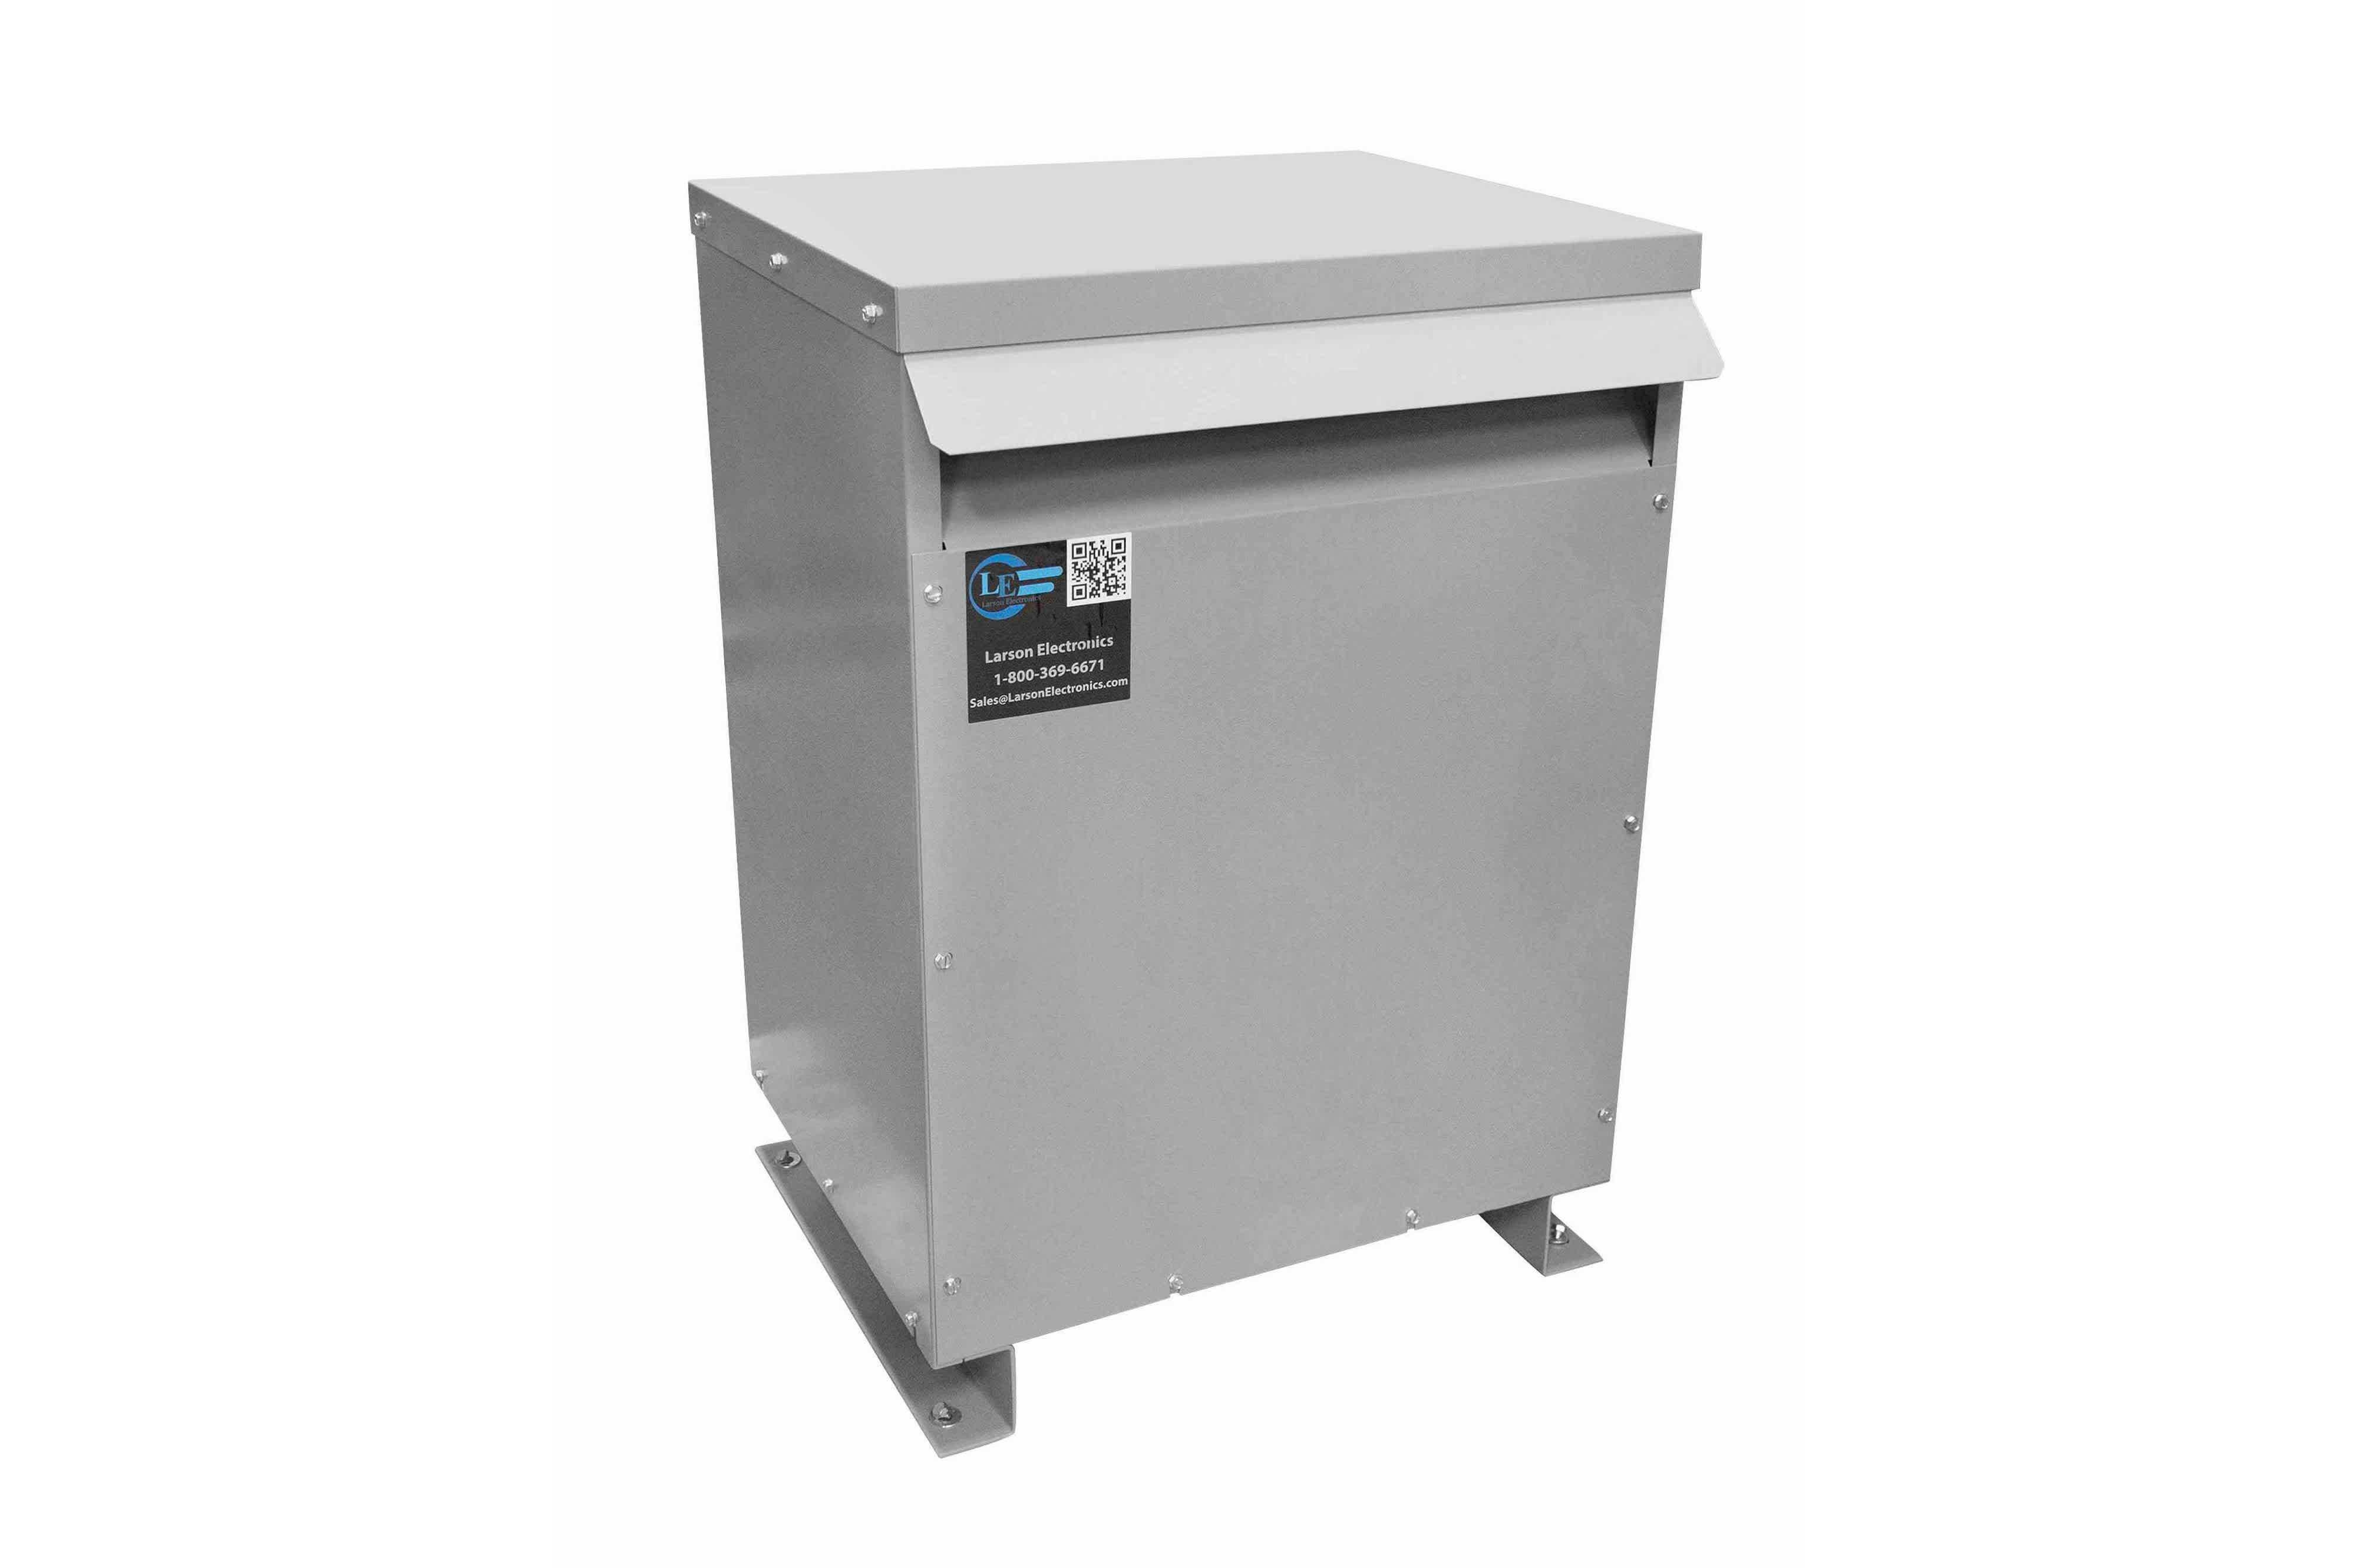 28 kVA 3PH Isolation Transformer, 575V Delta Primary, 380V Delta Secondary, N3R, Ventilated, 60 Hz